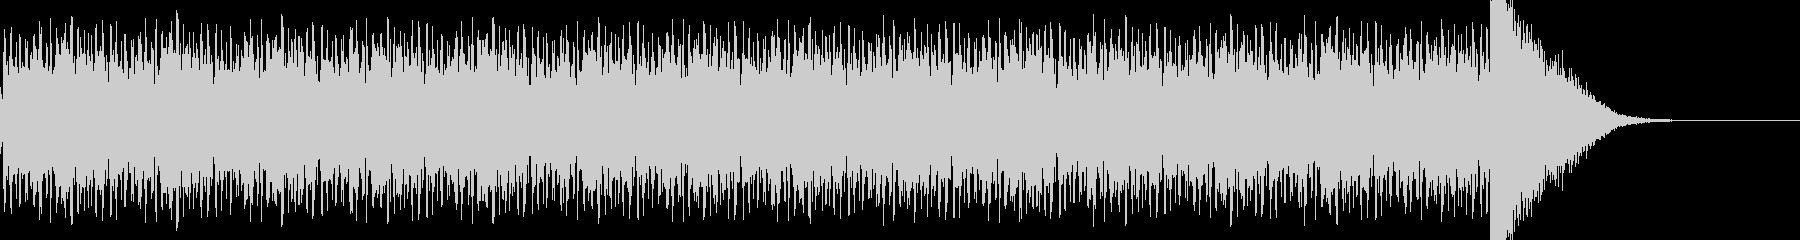 ドラムロールのち決定打音の未再生の波形